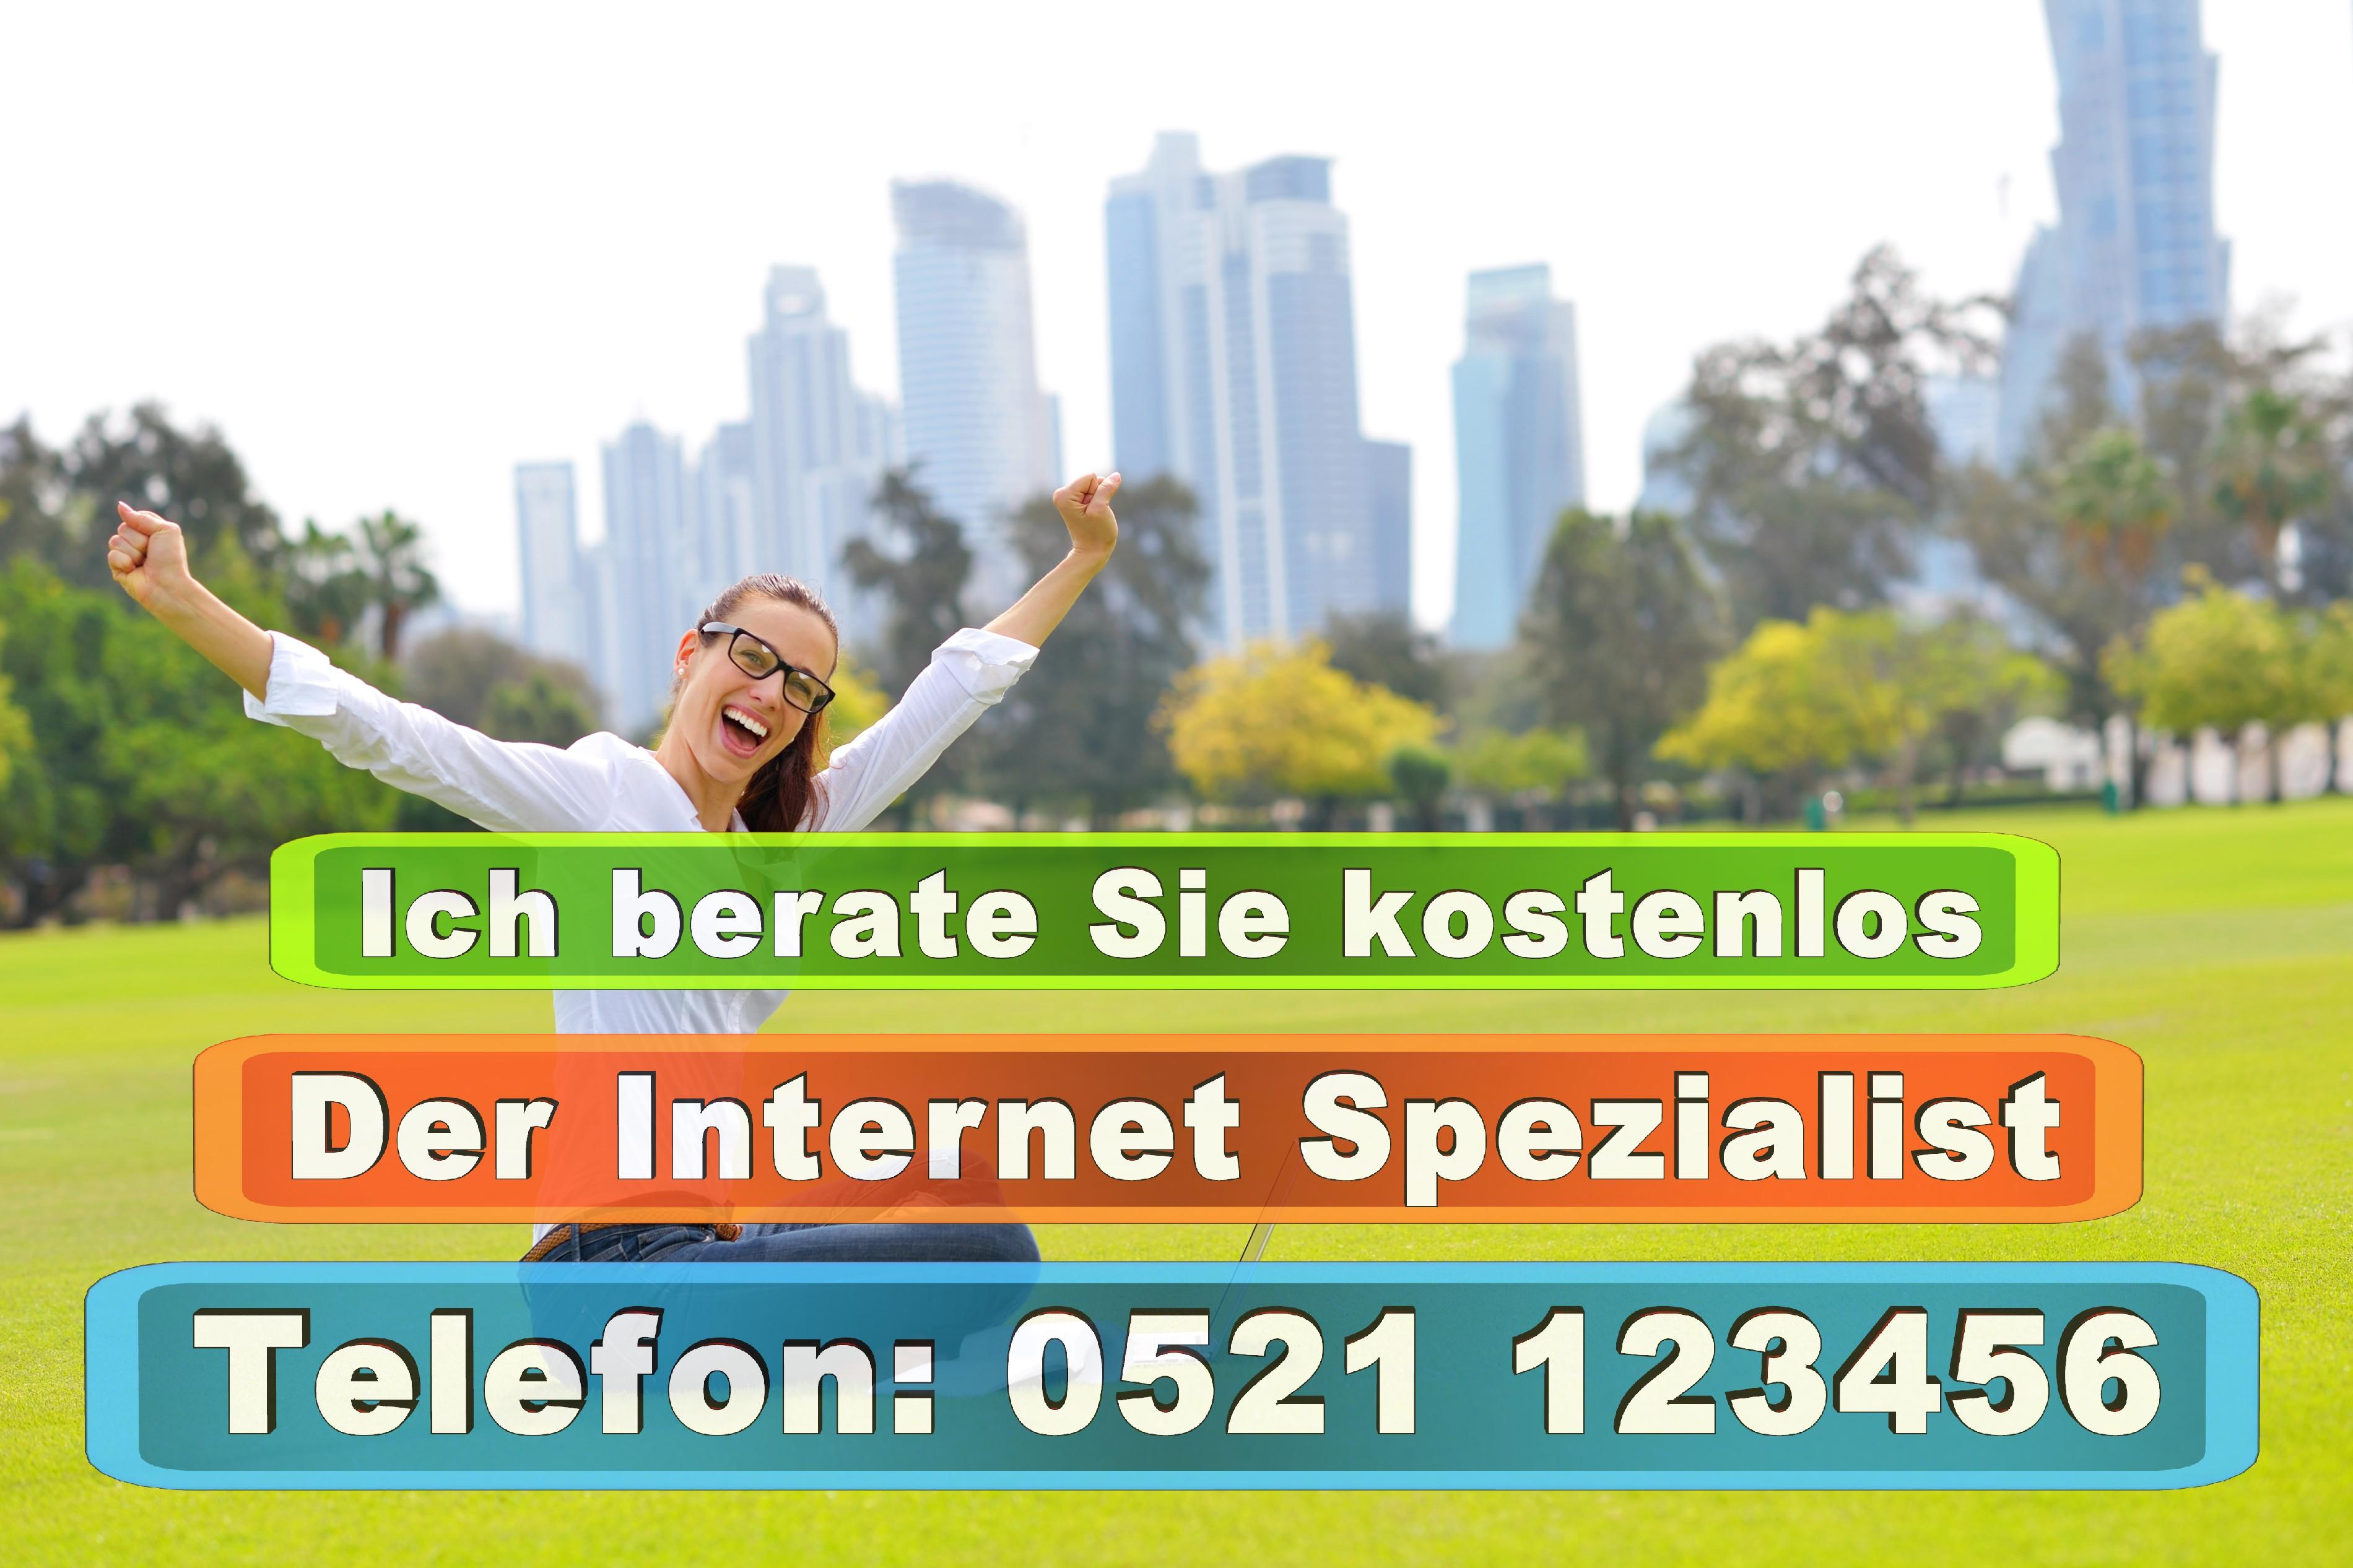 UNI Bielefeld Universität Bielefeld NRW Studentenwohnheim Mensa UNI Bielefeld NRW (16)